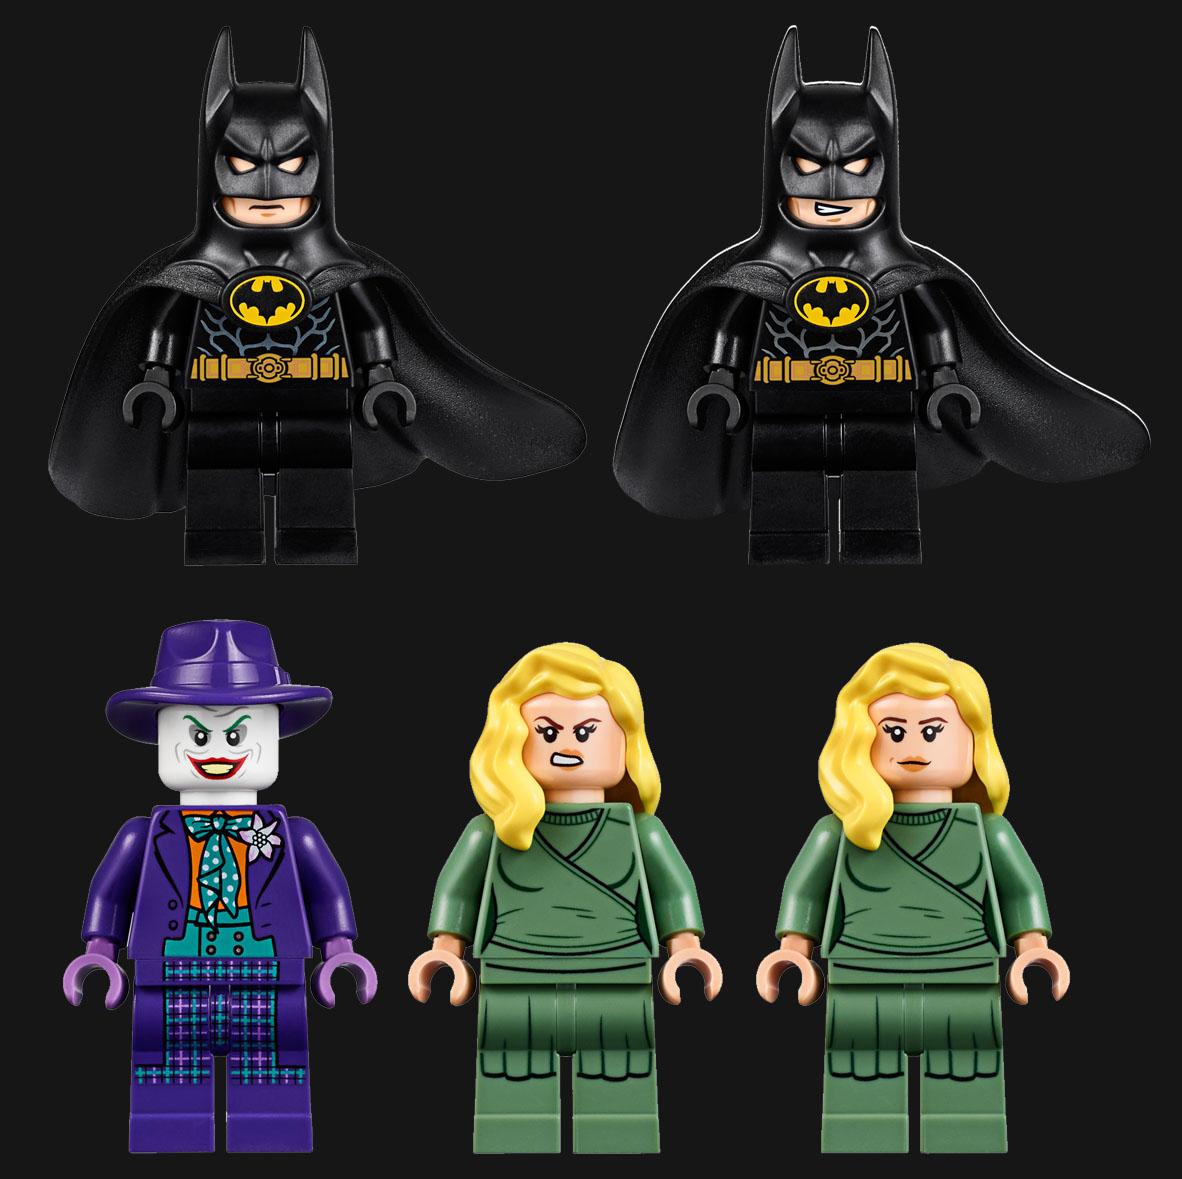 バットマン(マイケル・キートン)、ジョーカー(ジャック・ニコルソン)、ヴィッキー・ヴェール(キム・ベイシンガー)